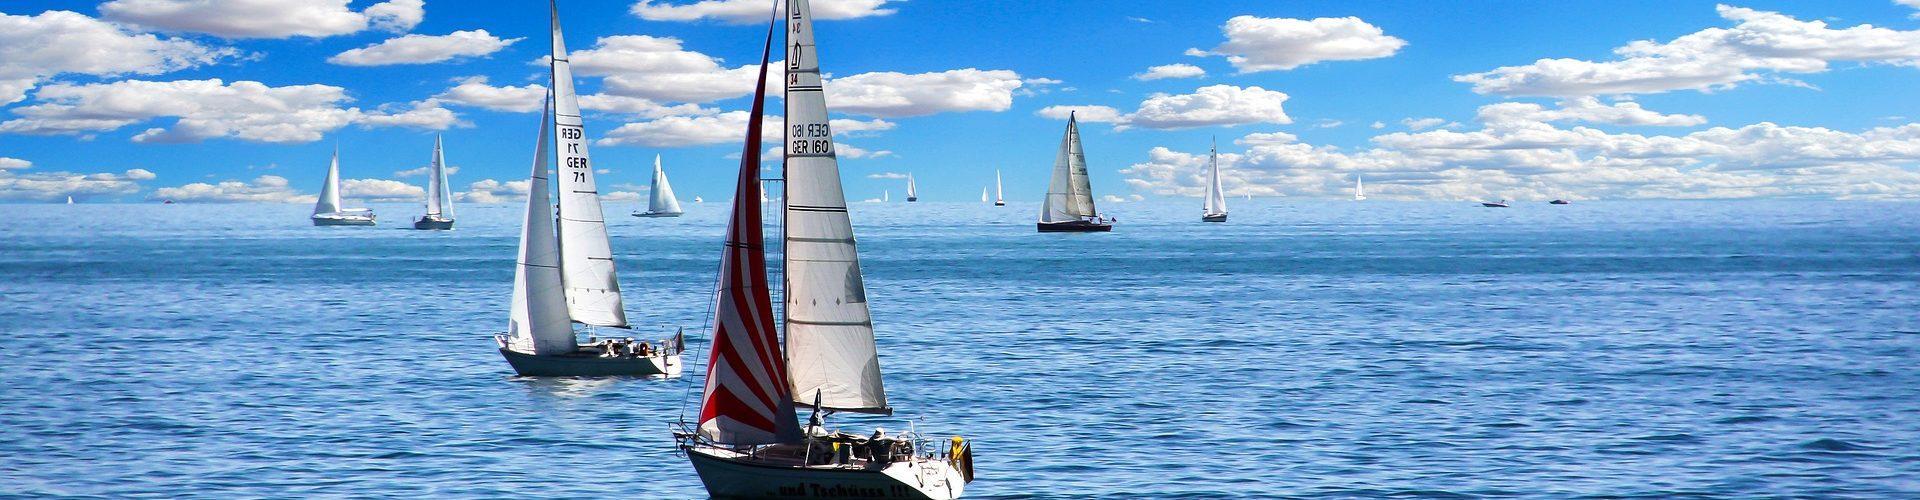 segeln lernen in Ahrensfelde segelschein machen in Ahrensfelde 1920x500 - Segeln lernen in Ahrensfelde